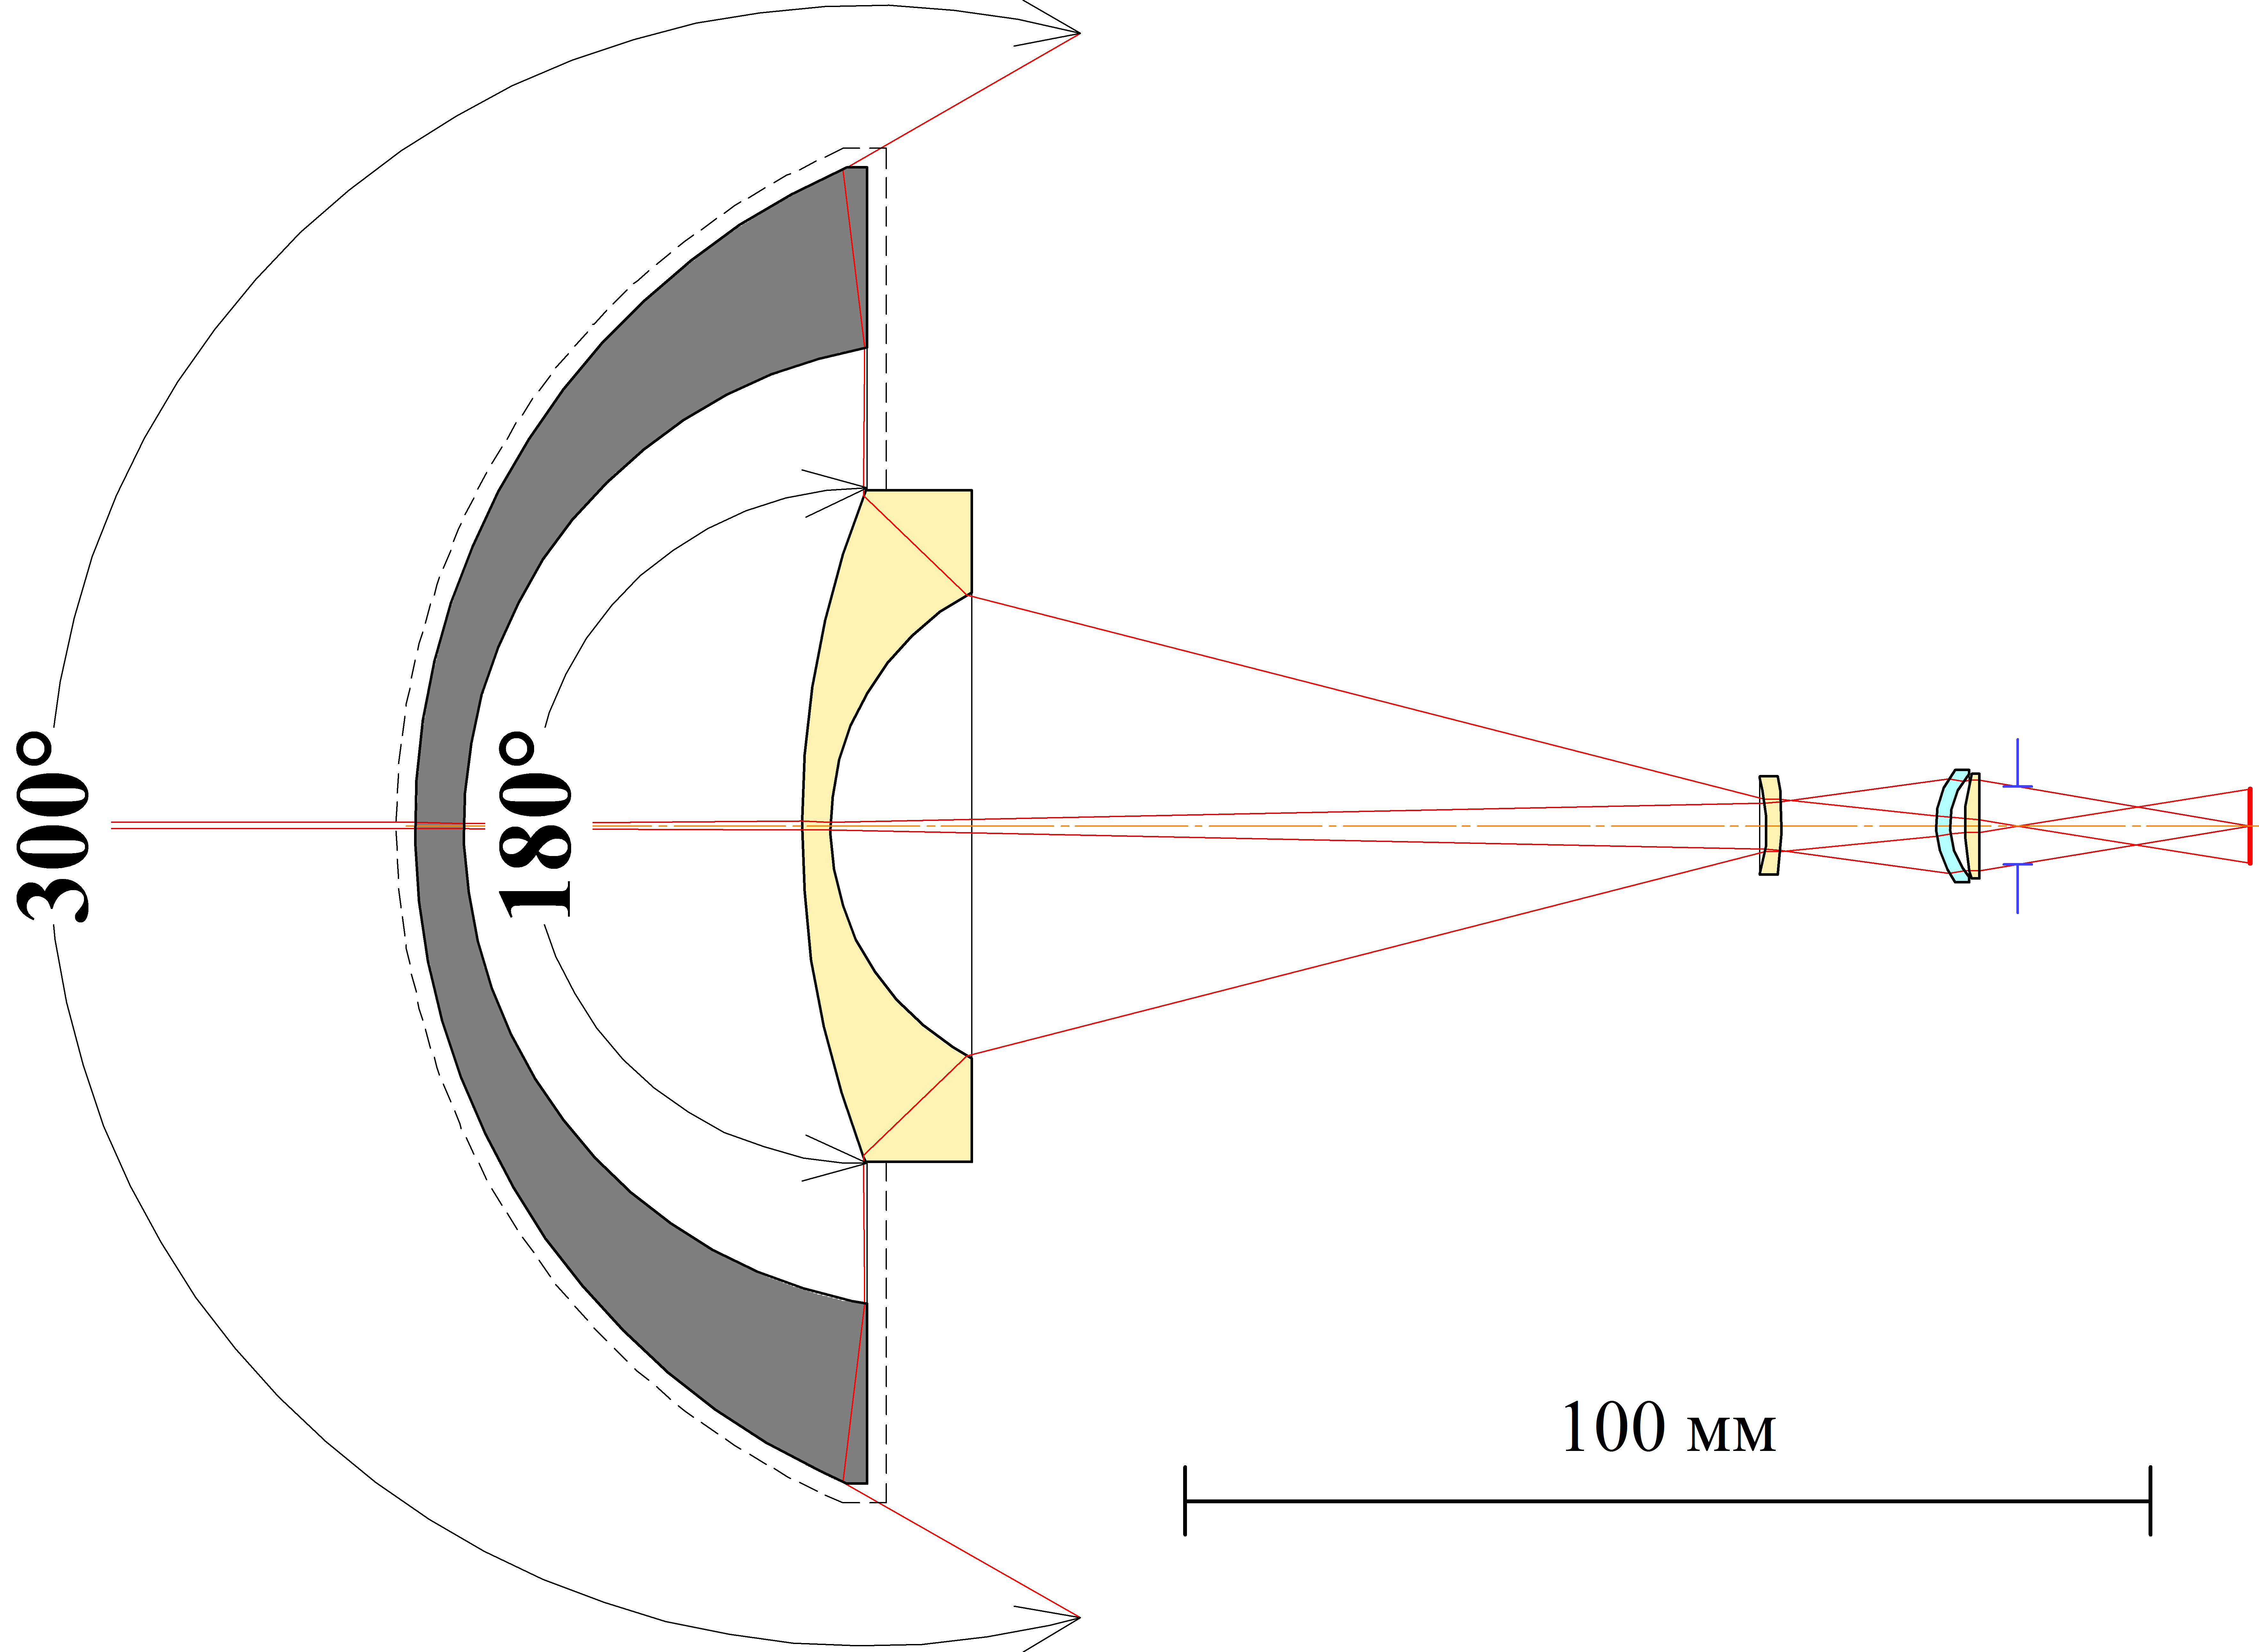 Рис. 2. Панорамная оптическая система со сменной суперсверхширокоугольной насадкой. По ходу лучей в системе использованы следующие материалы оптических элементов: Si, ZnSe, ZnSe, Al2O3, ZnSe.